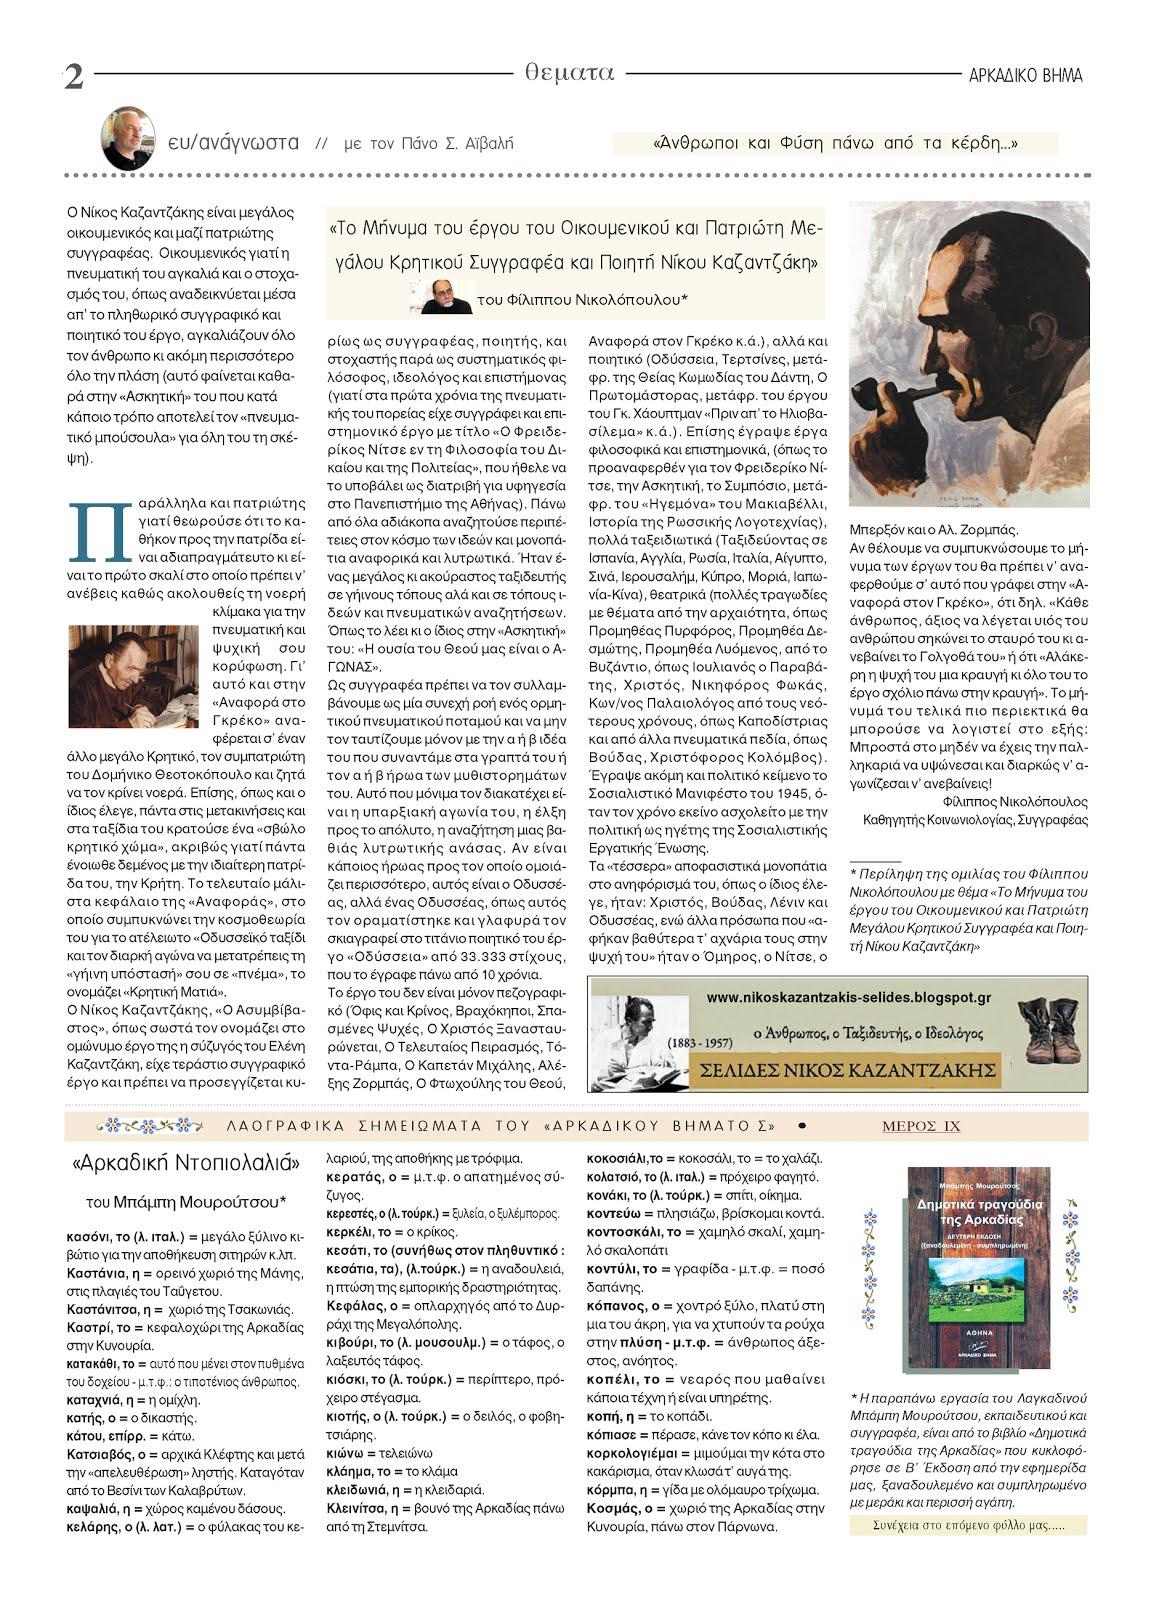 Αρκαδικό Βήμα: Αφιέρωμα για τα 60 χρόνια από τον θάνατο του Ποιητή Νίκου Καζαντζάκη